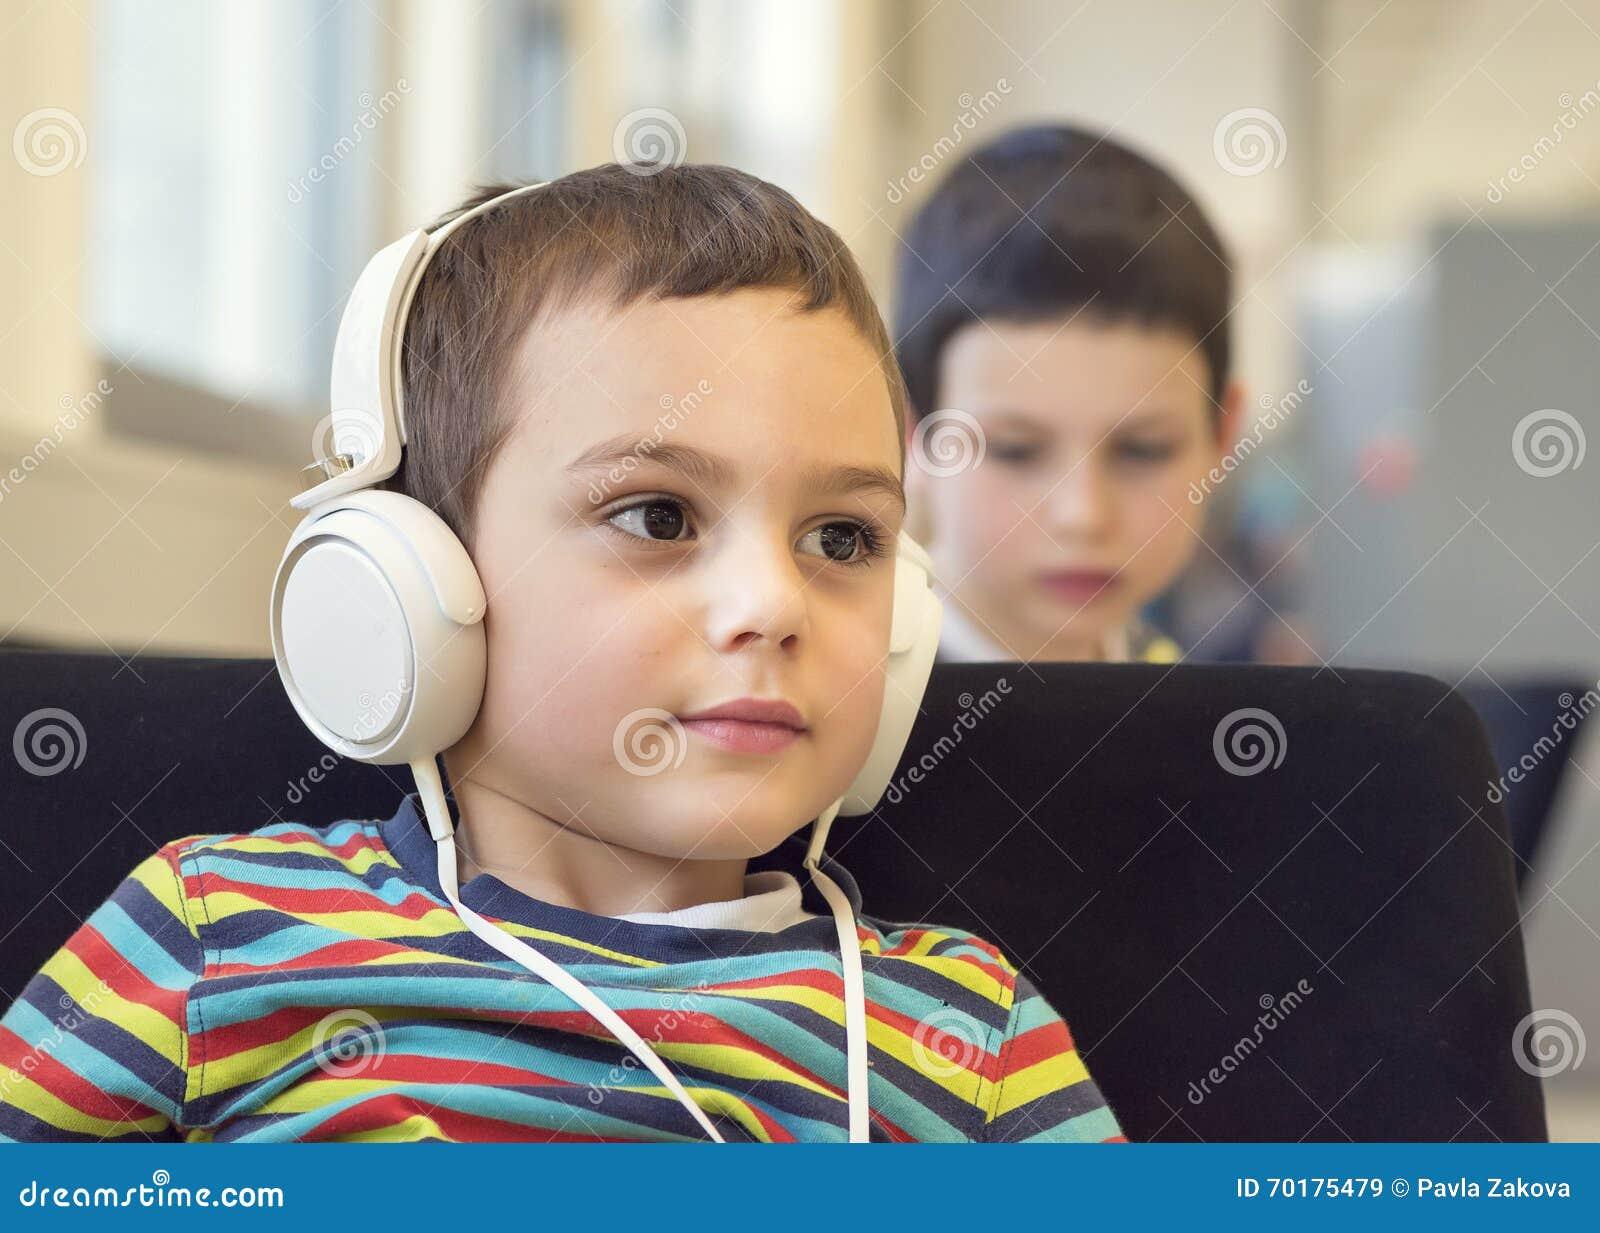 Barn med hörlurar i skola eller arkiv